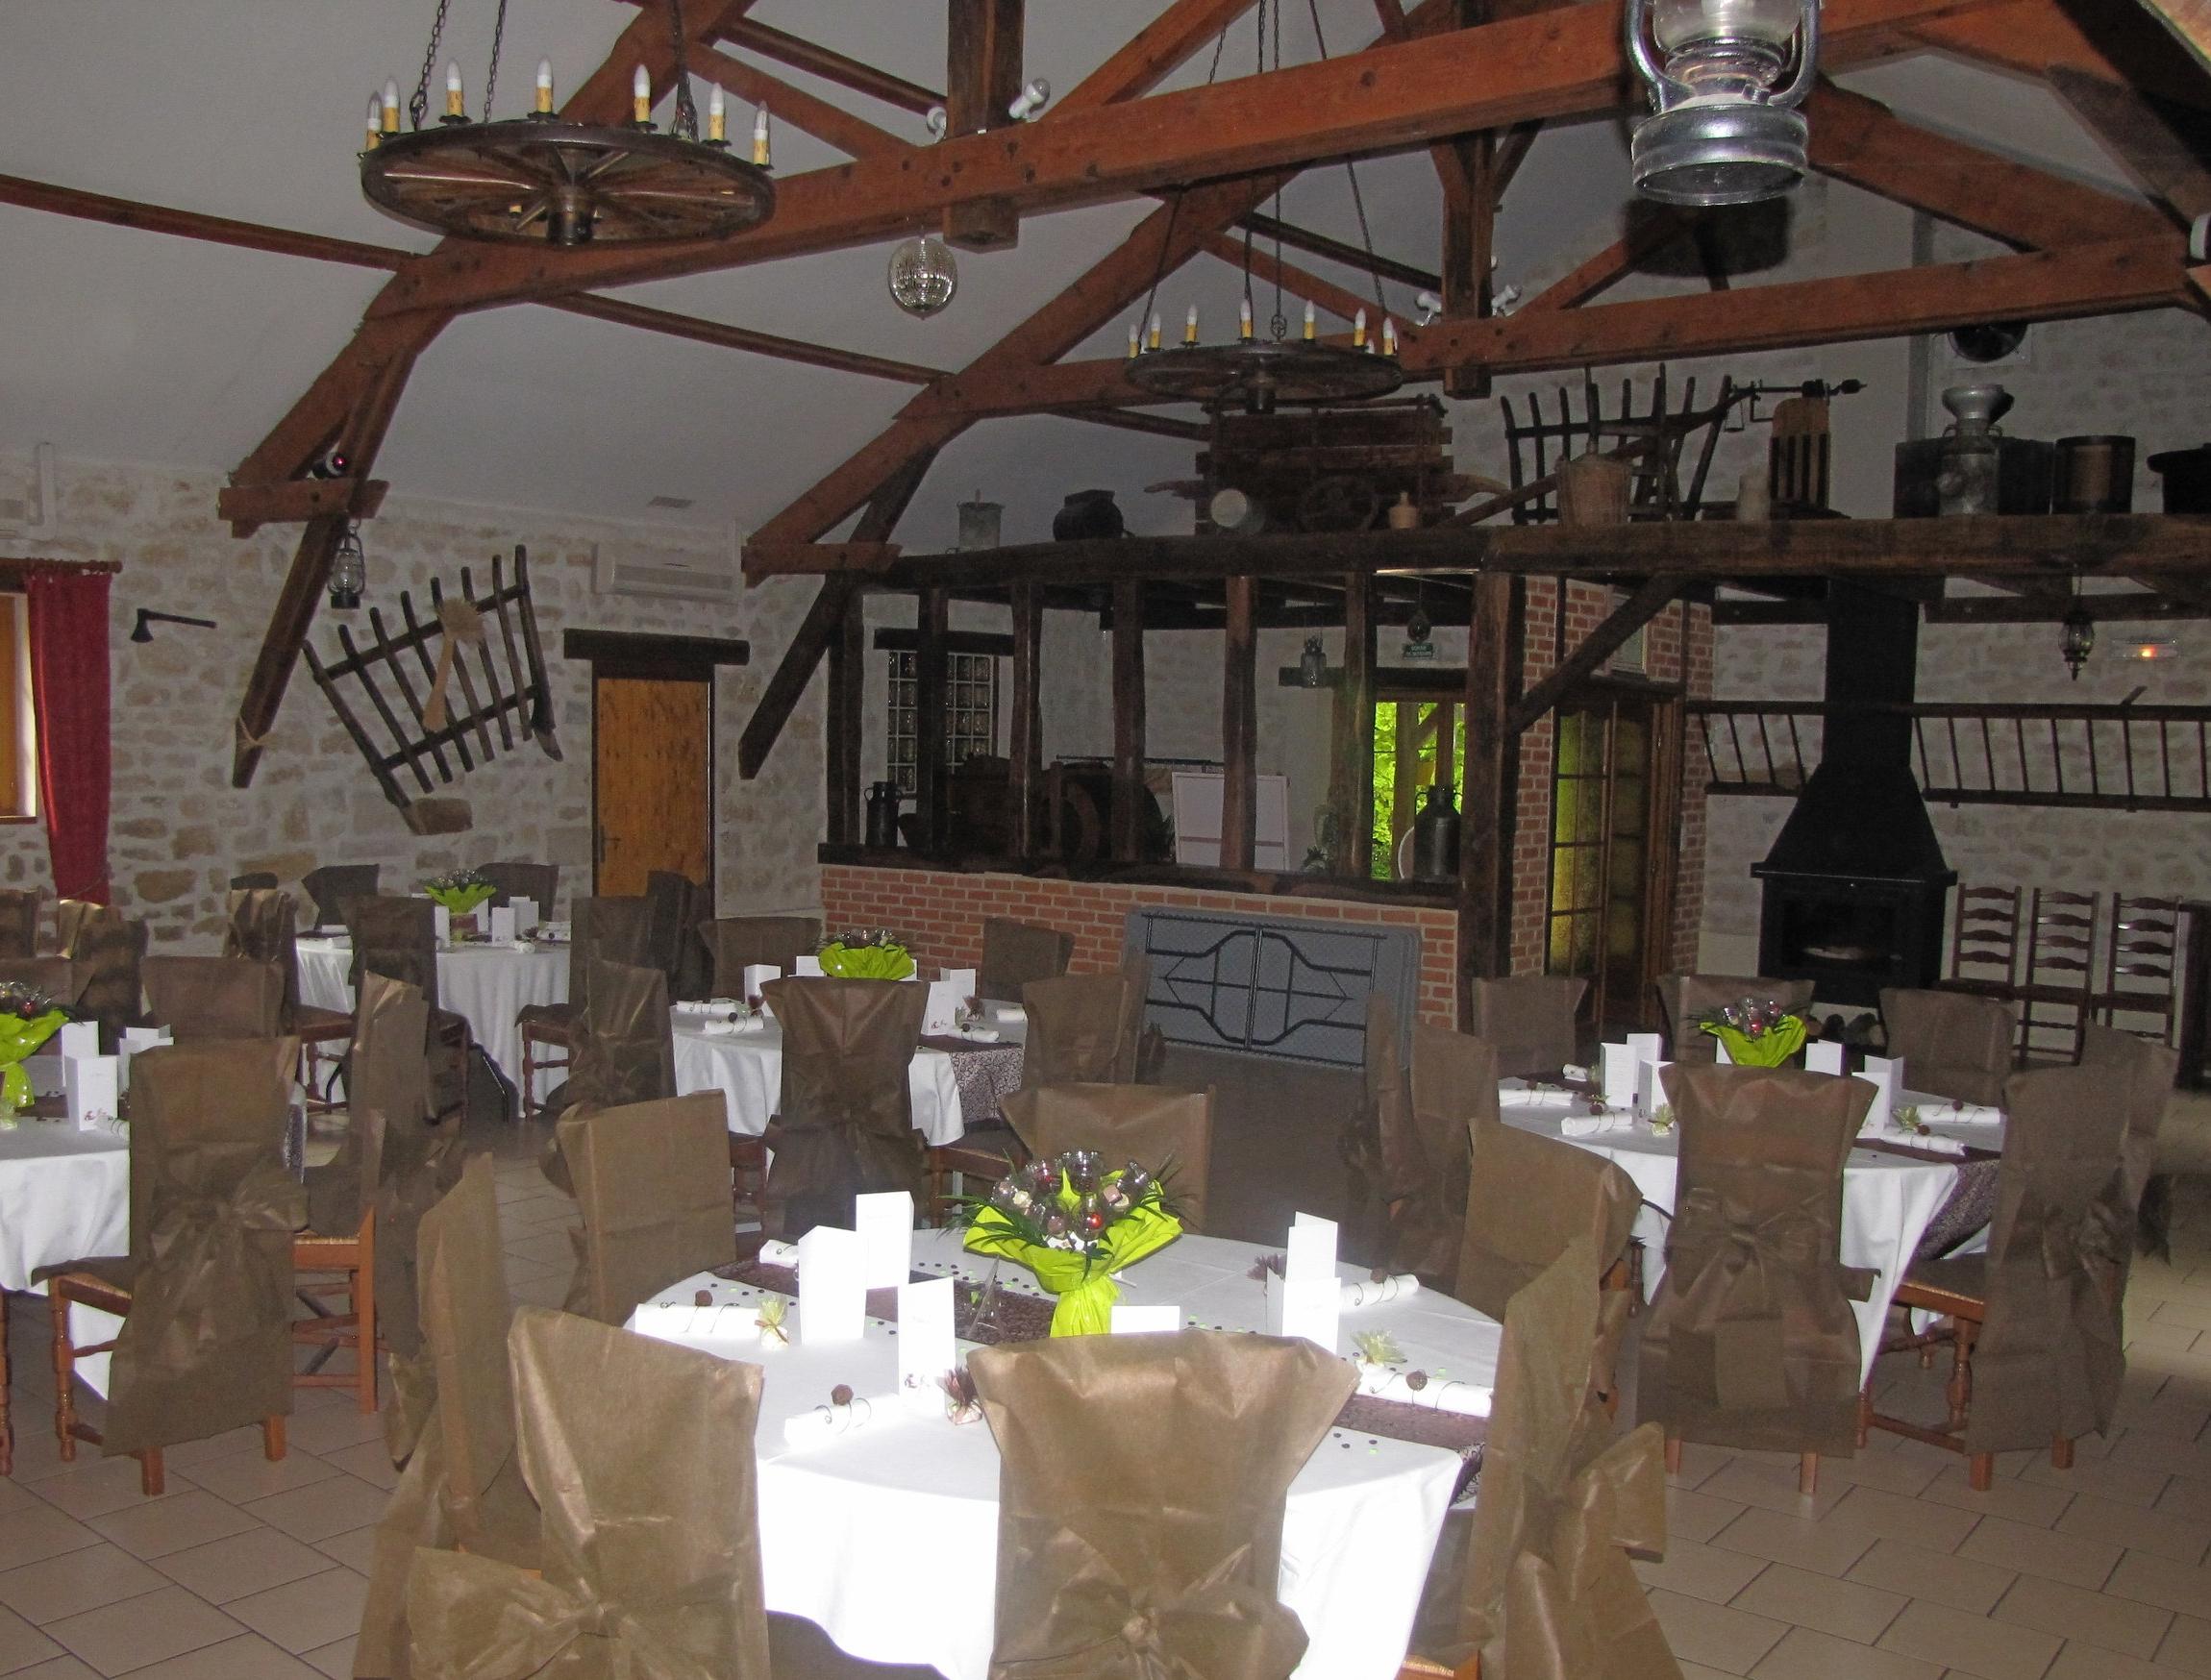 Location Salle Reception Hebergement Mariage 77 Ile De France La